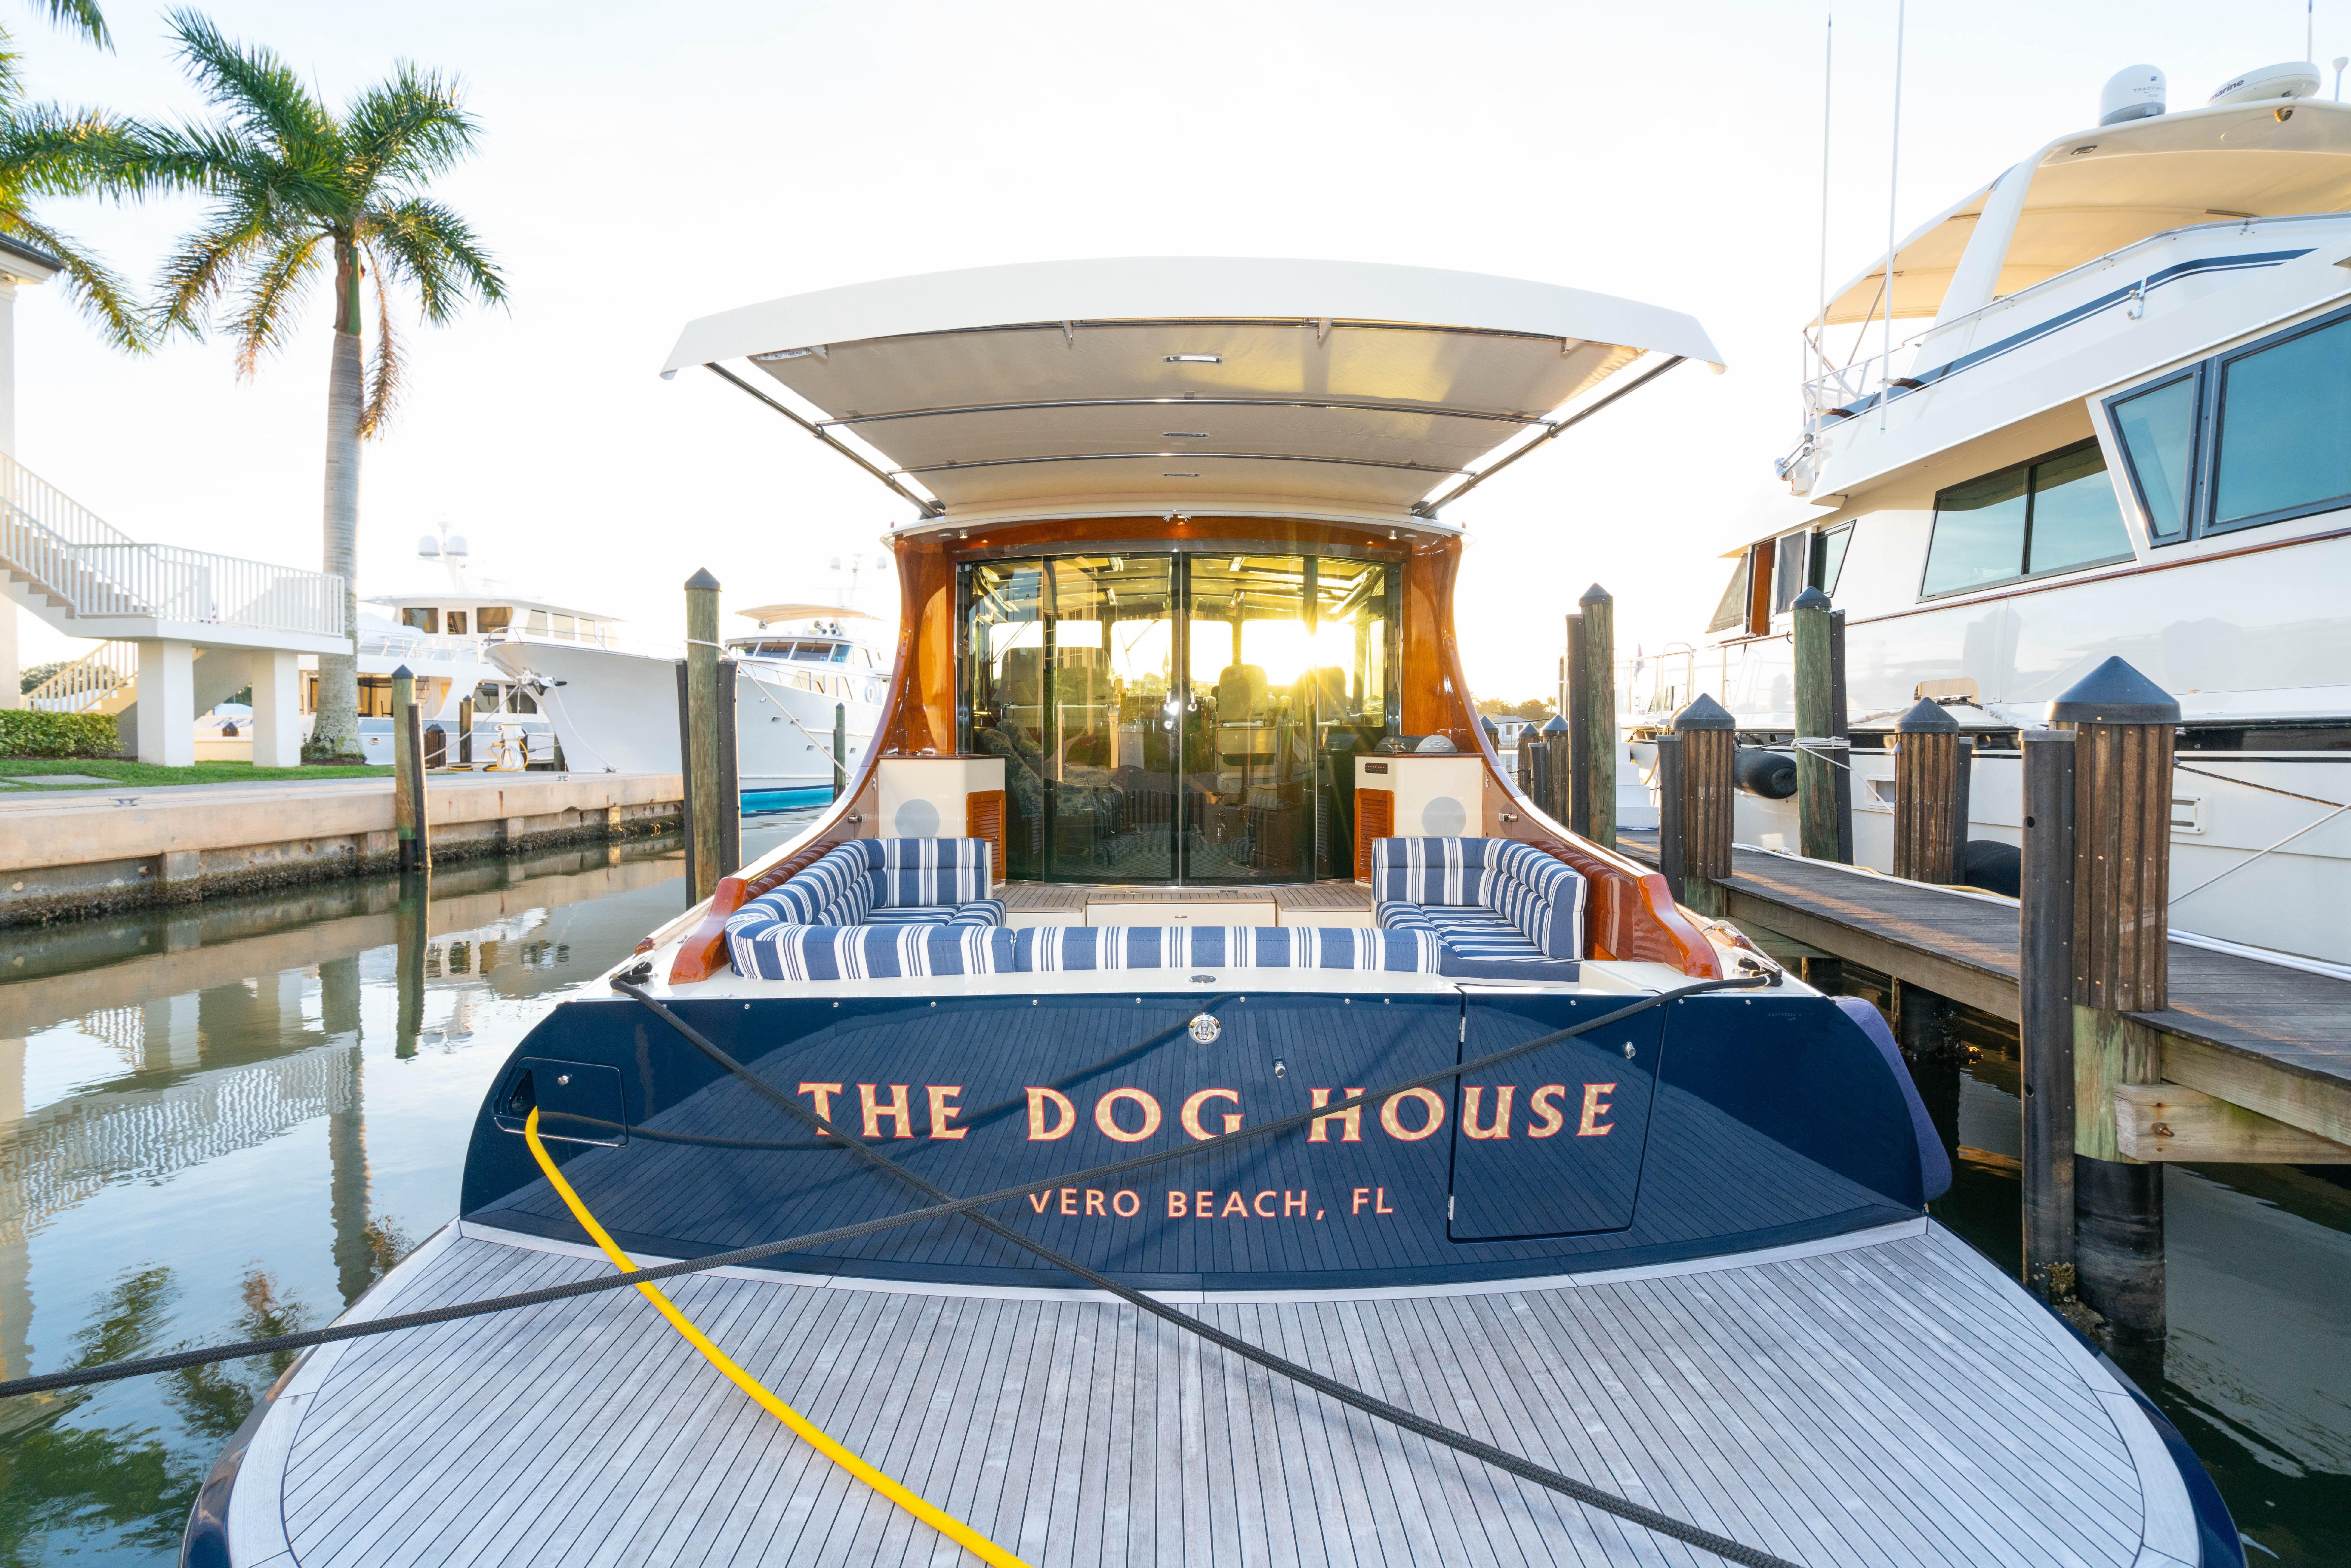 55 Hinckley 2017 The Dog House Vero Beach Florida